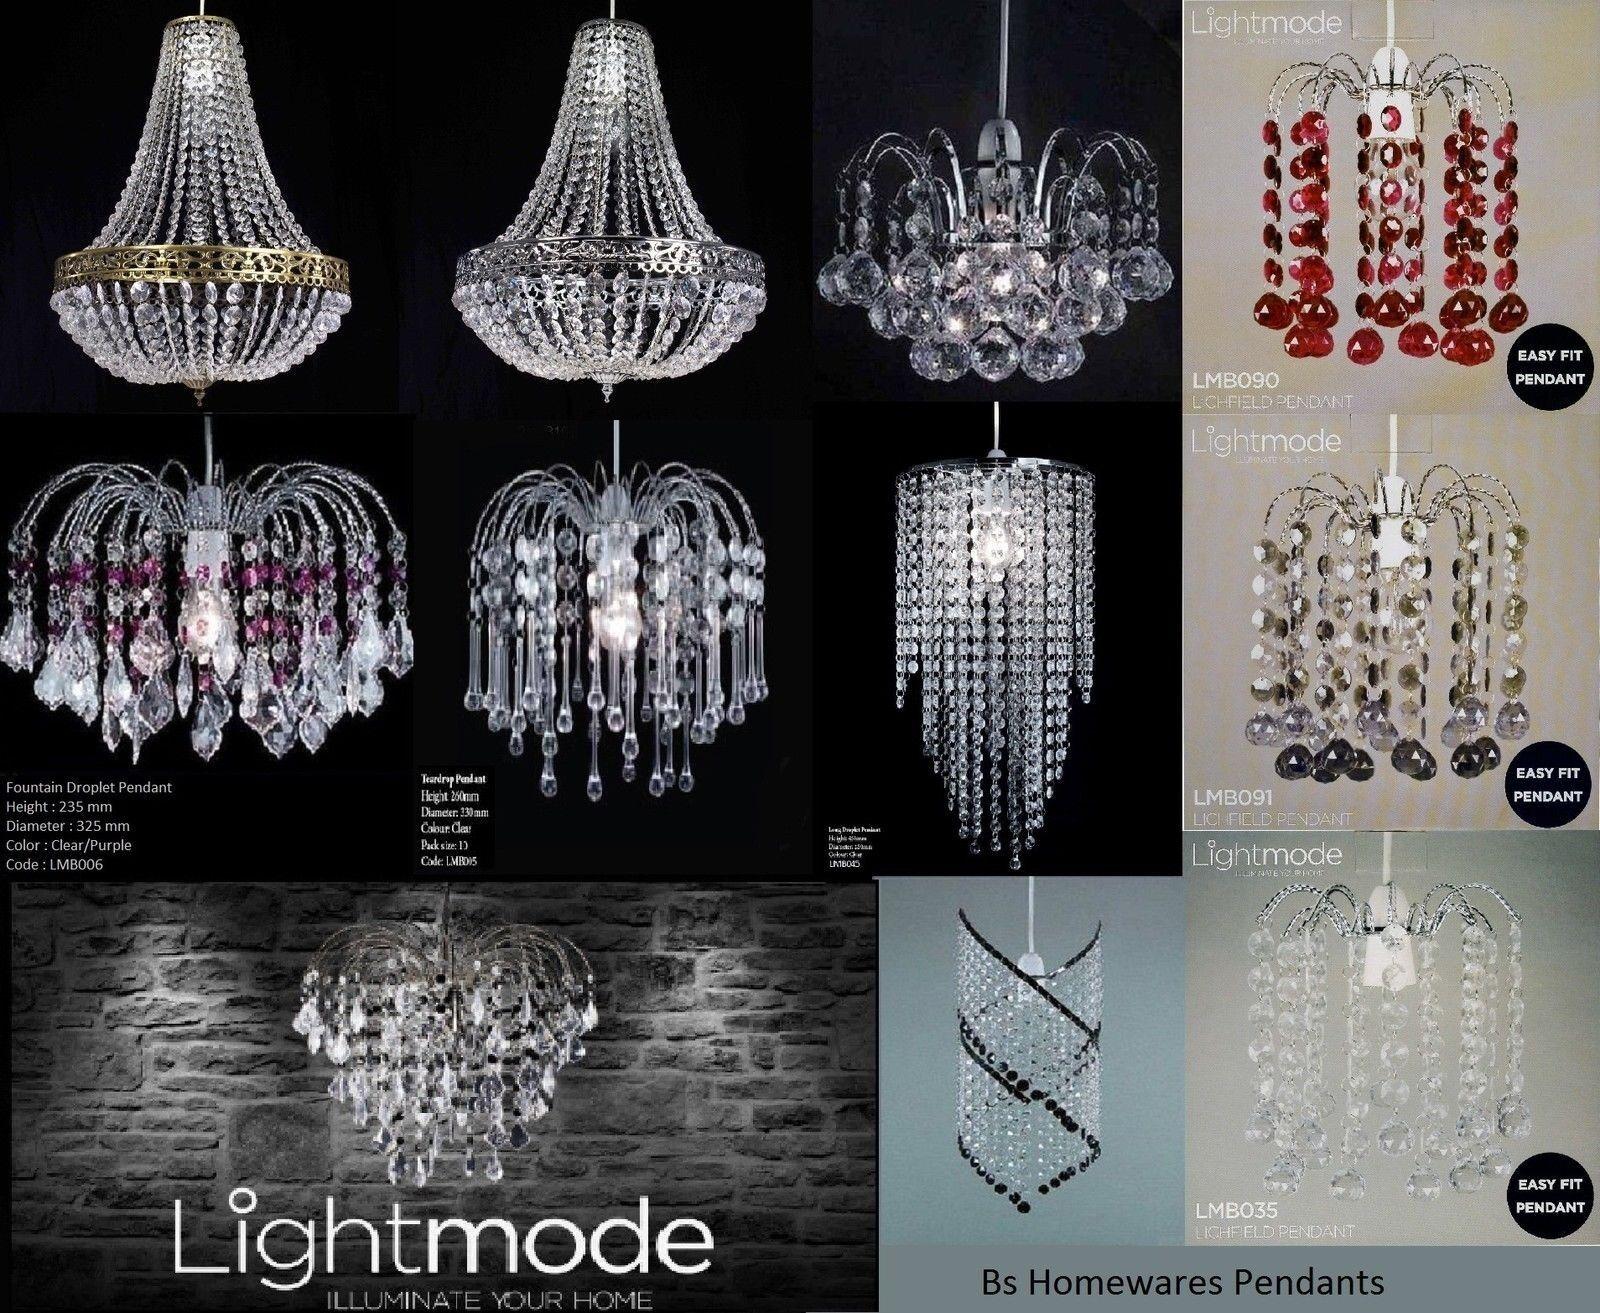 Plafoniere Cristallo Roma : Fabbrica lampadari la luce circ gianicolense roma